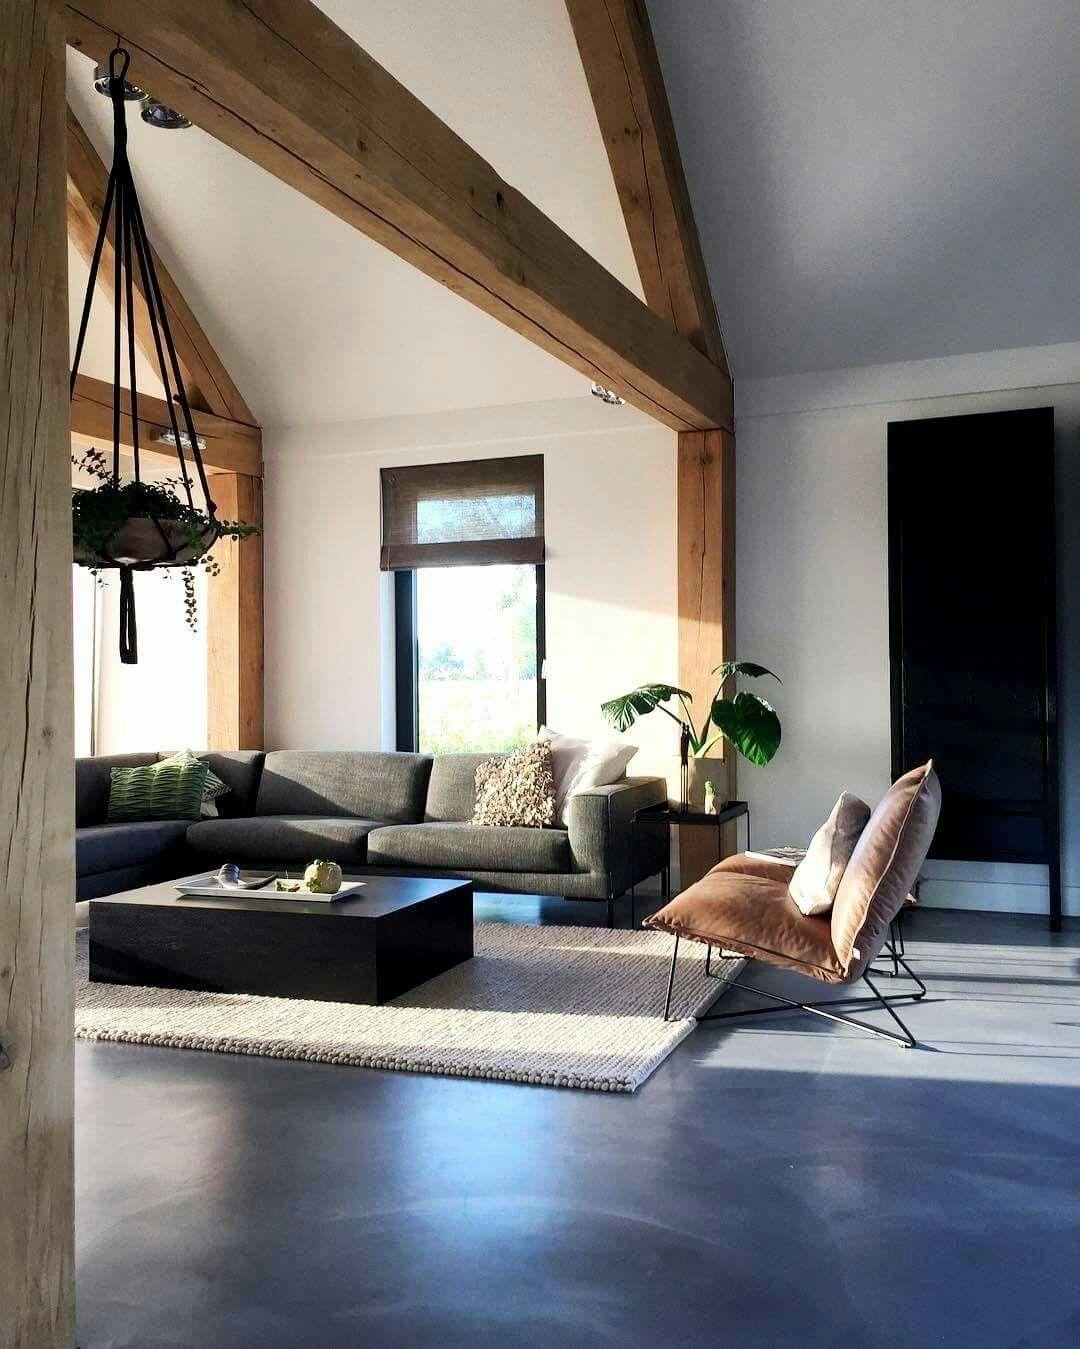 sichtbalken betonboden h user ideen pinterest. Black Bedroom Furniture Sets. Home Design Ideas